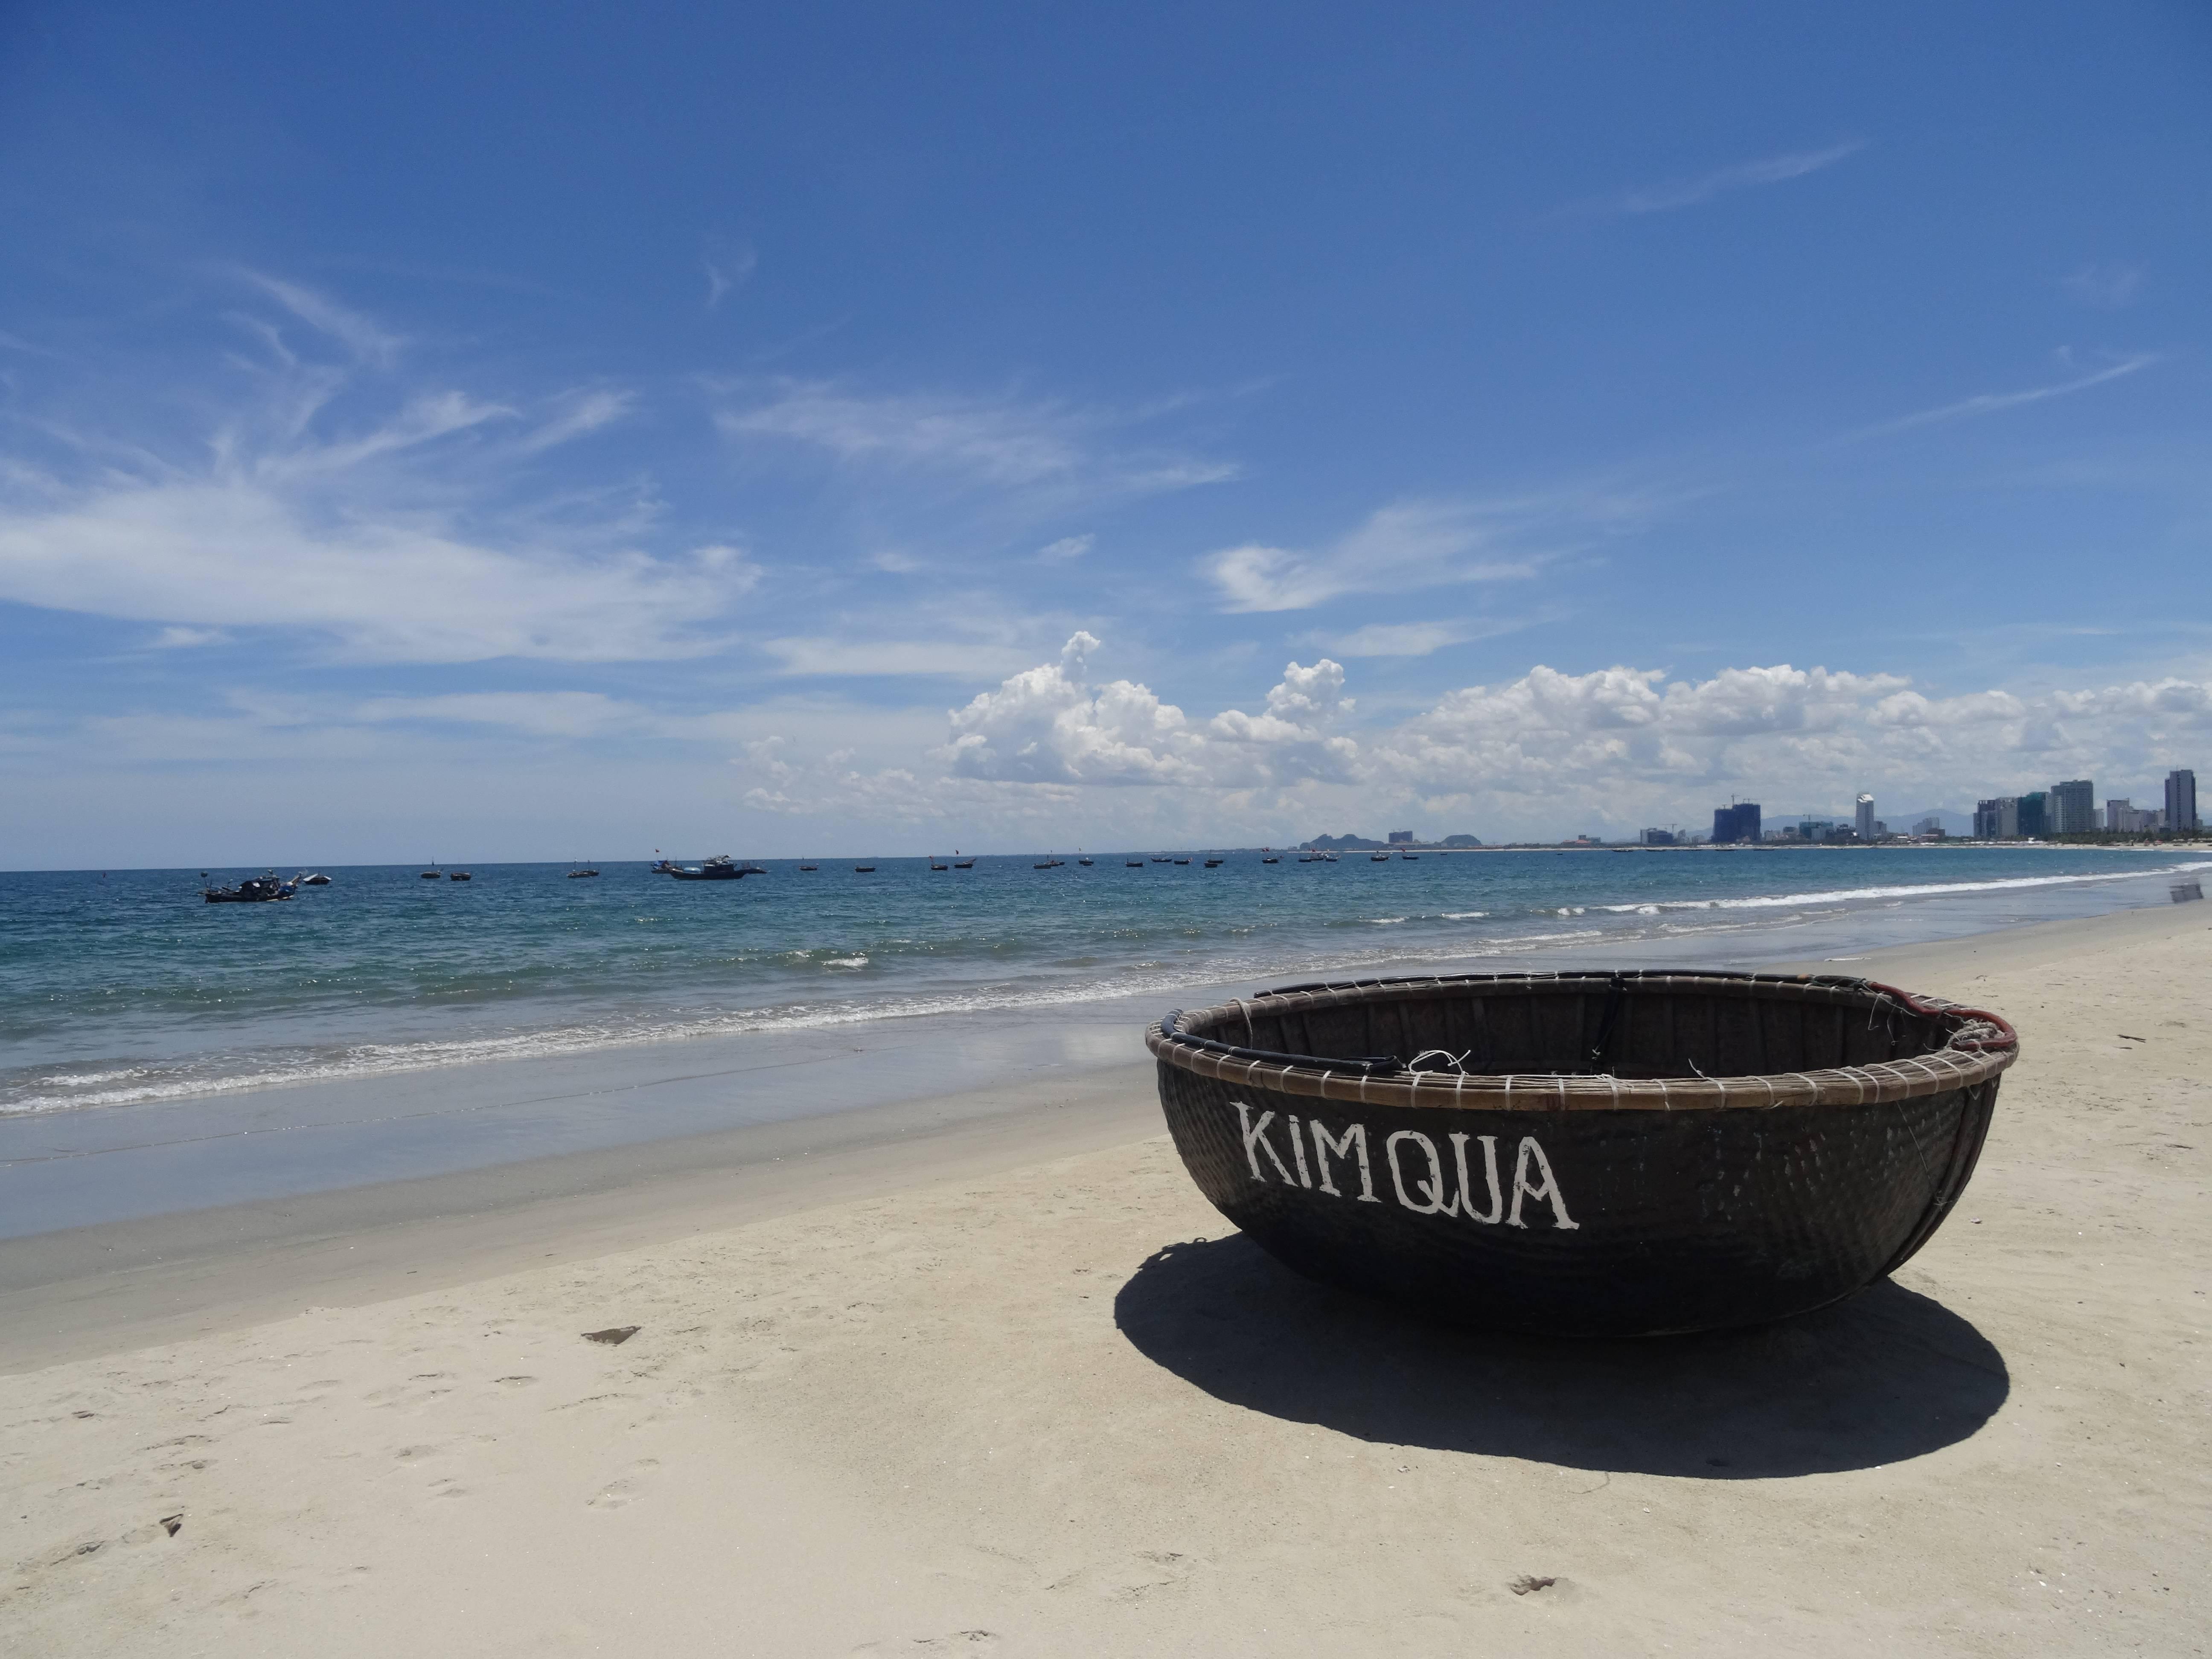 Photo 2: Da Nang et ses bateaux ronds typiques.....